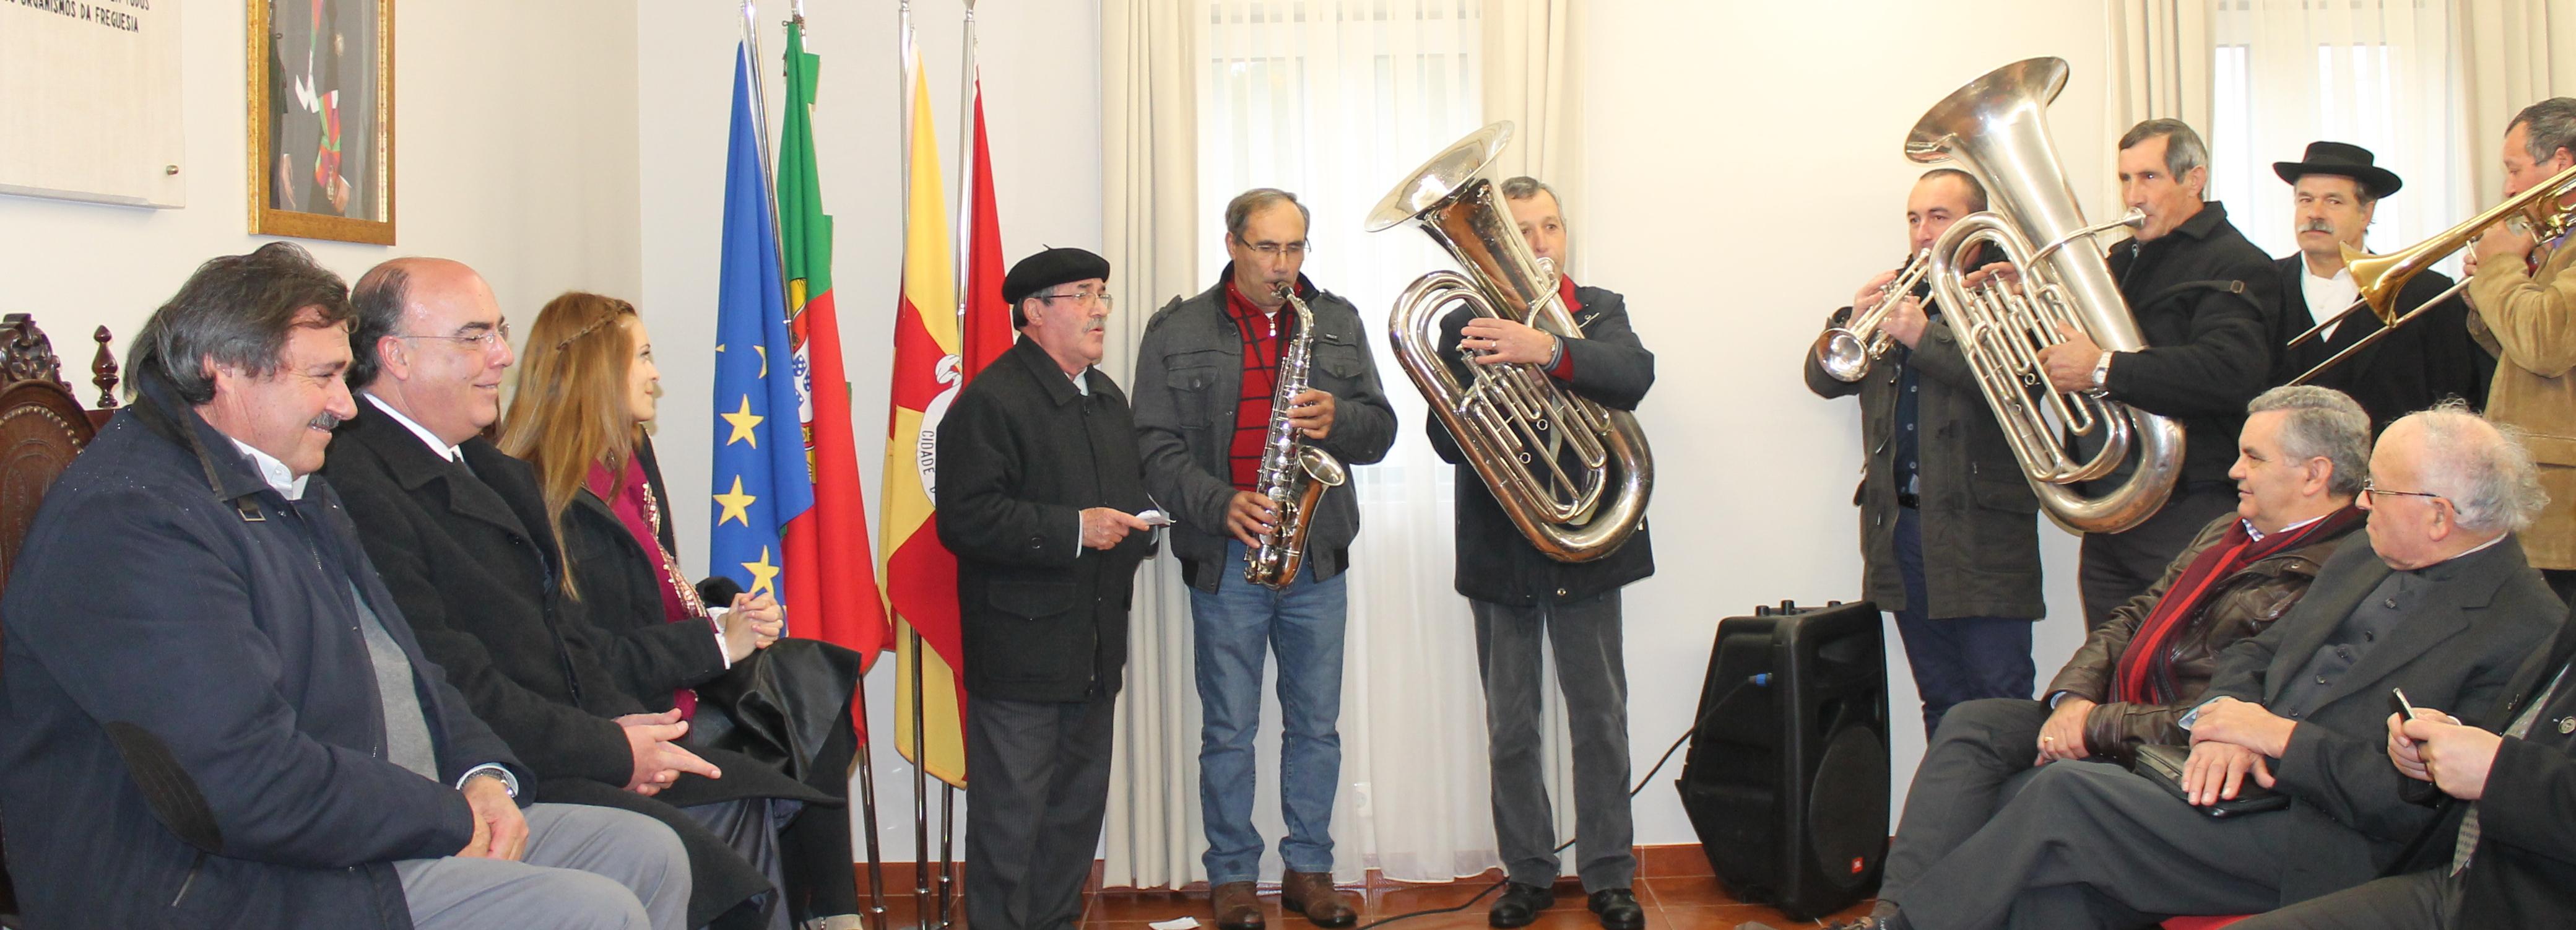 Presidente da Câmara inaugurou as obras de requalificação da Sede da União Freguesia de Durrães